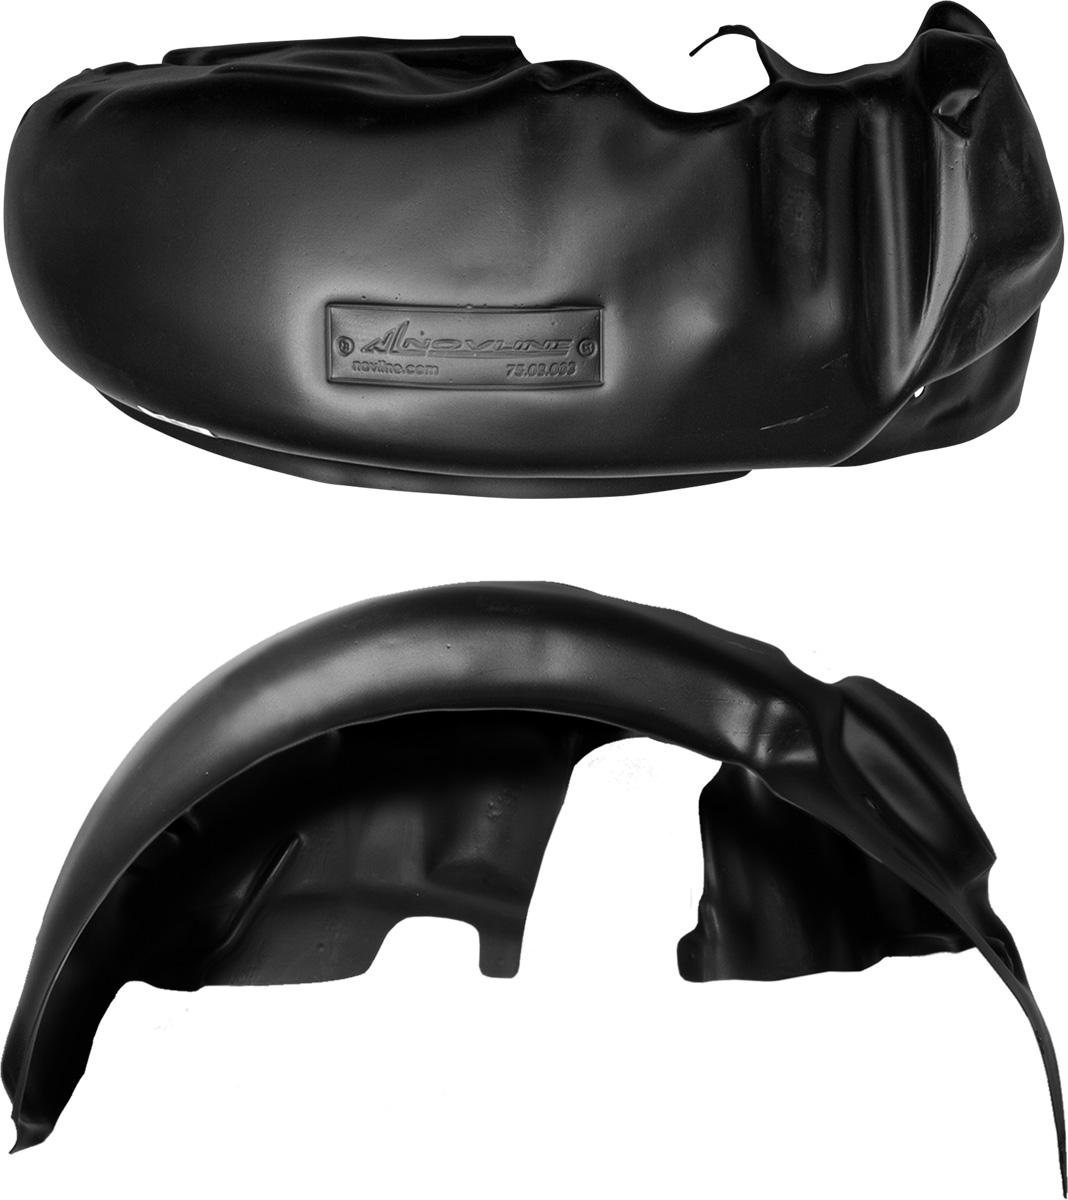 Подкрылок RENAULT Sandero, 01/2014->, задний правый2706 (ПО)Колесные ниши – одни из самых уязвимых зон днища вашего автомобиля. Они постоянно подвергаются воздействию со стороны дороги. Лучшая, почти абсолютная защита для них - специально отформованные пластиковые кожухи, которые называются подкрылками, или локерами. Производятся они как для отечественных моделей автомобилей, так и для иномарок. Подкрылки выполнены из высококачественного, экологически чистого пластика. Обеспечивают надежную защиту кузова автомобиля от пескоструйного эффекта и негативного влияния, агрессивных антигололедных реагентов. Пластик обладает более низкой теплопроводностью, чем металл, поэтому в зимний период эксплуатации использование пластиковых подкрылков позволяет лучше защитить колесные ниши от налипания снега и образования наледи. Оригинальность конструкции подчеркивает элегантность автомобиля, бережно защищает нанесенное на днище кузова антикоррозийное покрытие и позволяет осуществить крепление подкрылков внутри колесной арки практически без дополнительного крепежа и сверления, не нарушая при этом лакокрасочного покрытия, что предотвращает возникновение новых очагов коррозии. Технология крепления подкрылков на иномарки принципиально отличается от крепления на российские автомобили и разрабатывается индивидуально для каждой модели автомобиля. Подкрылки долговечны, обладают высокой прочностью и сохраняют заданную форму, а также все свои физико-механические характеристики в самых тяжелых климатических условиях ( от -50° С до + 50° С).